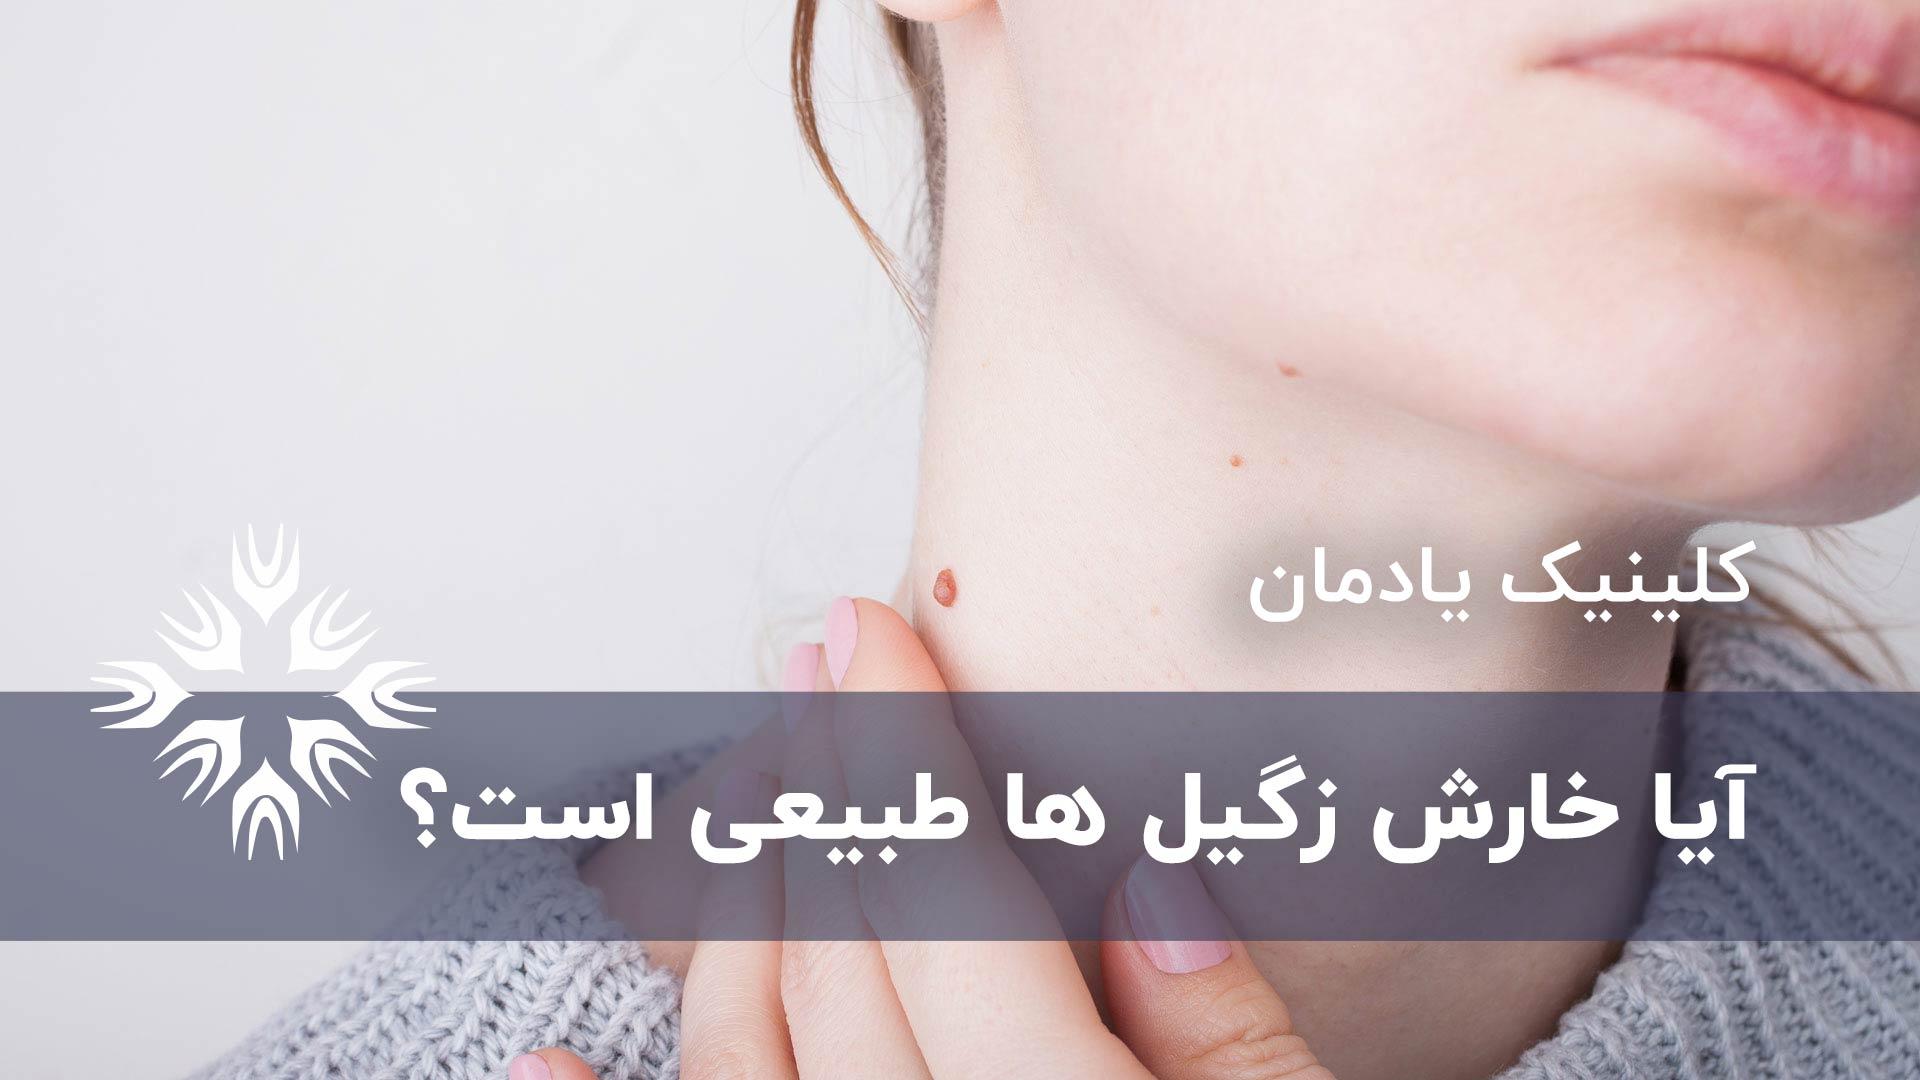 خارش و درمان زگیل های معمولی